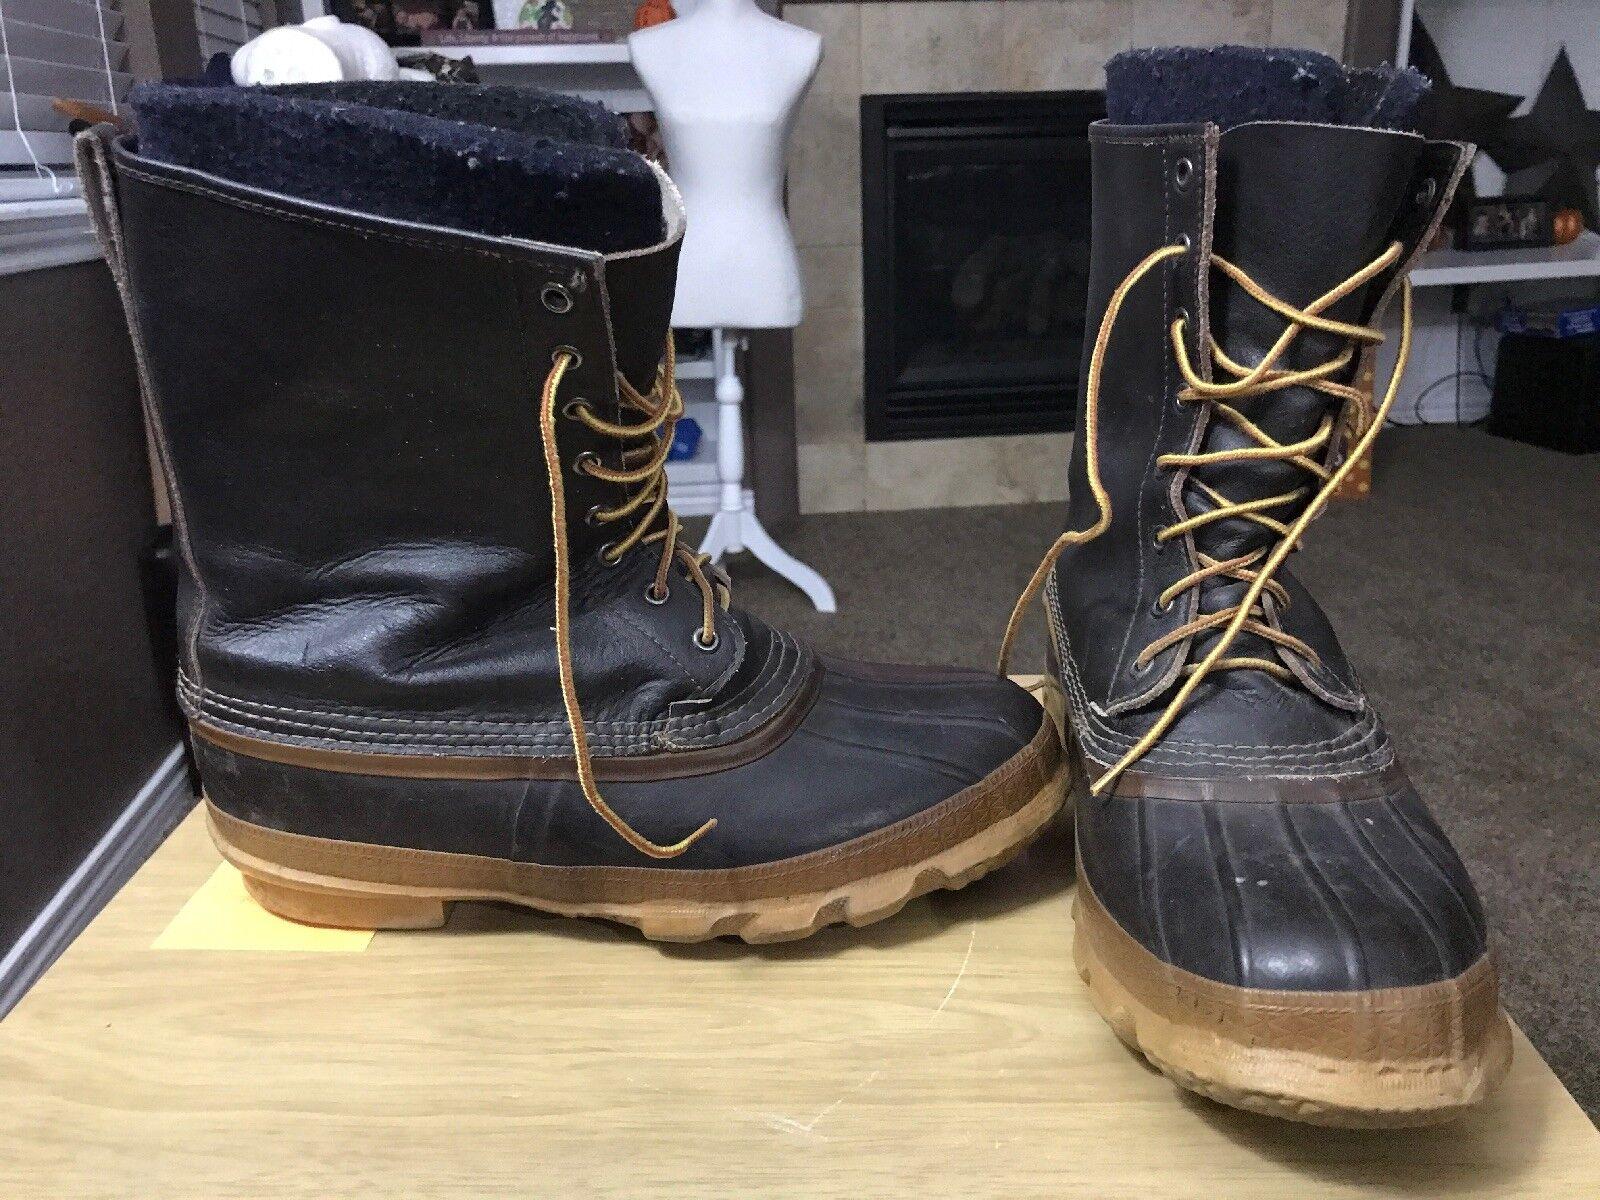 sconto prezzo basso Vintage LaCrosse Insulated Leather Winter stivali Steel Shank Shank Shank USA Uomo Dimensione 10  risparmia fino al 50%